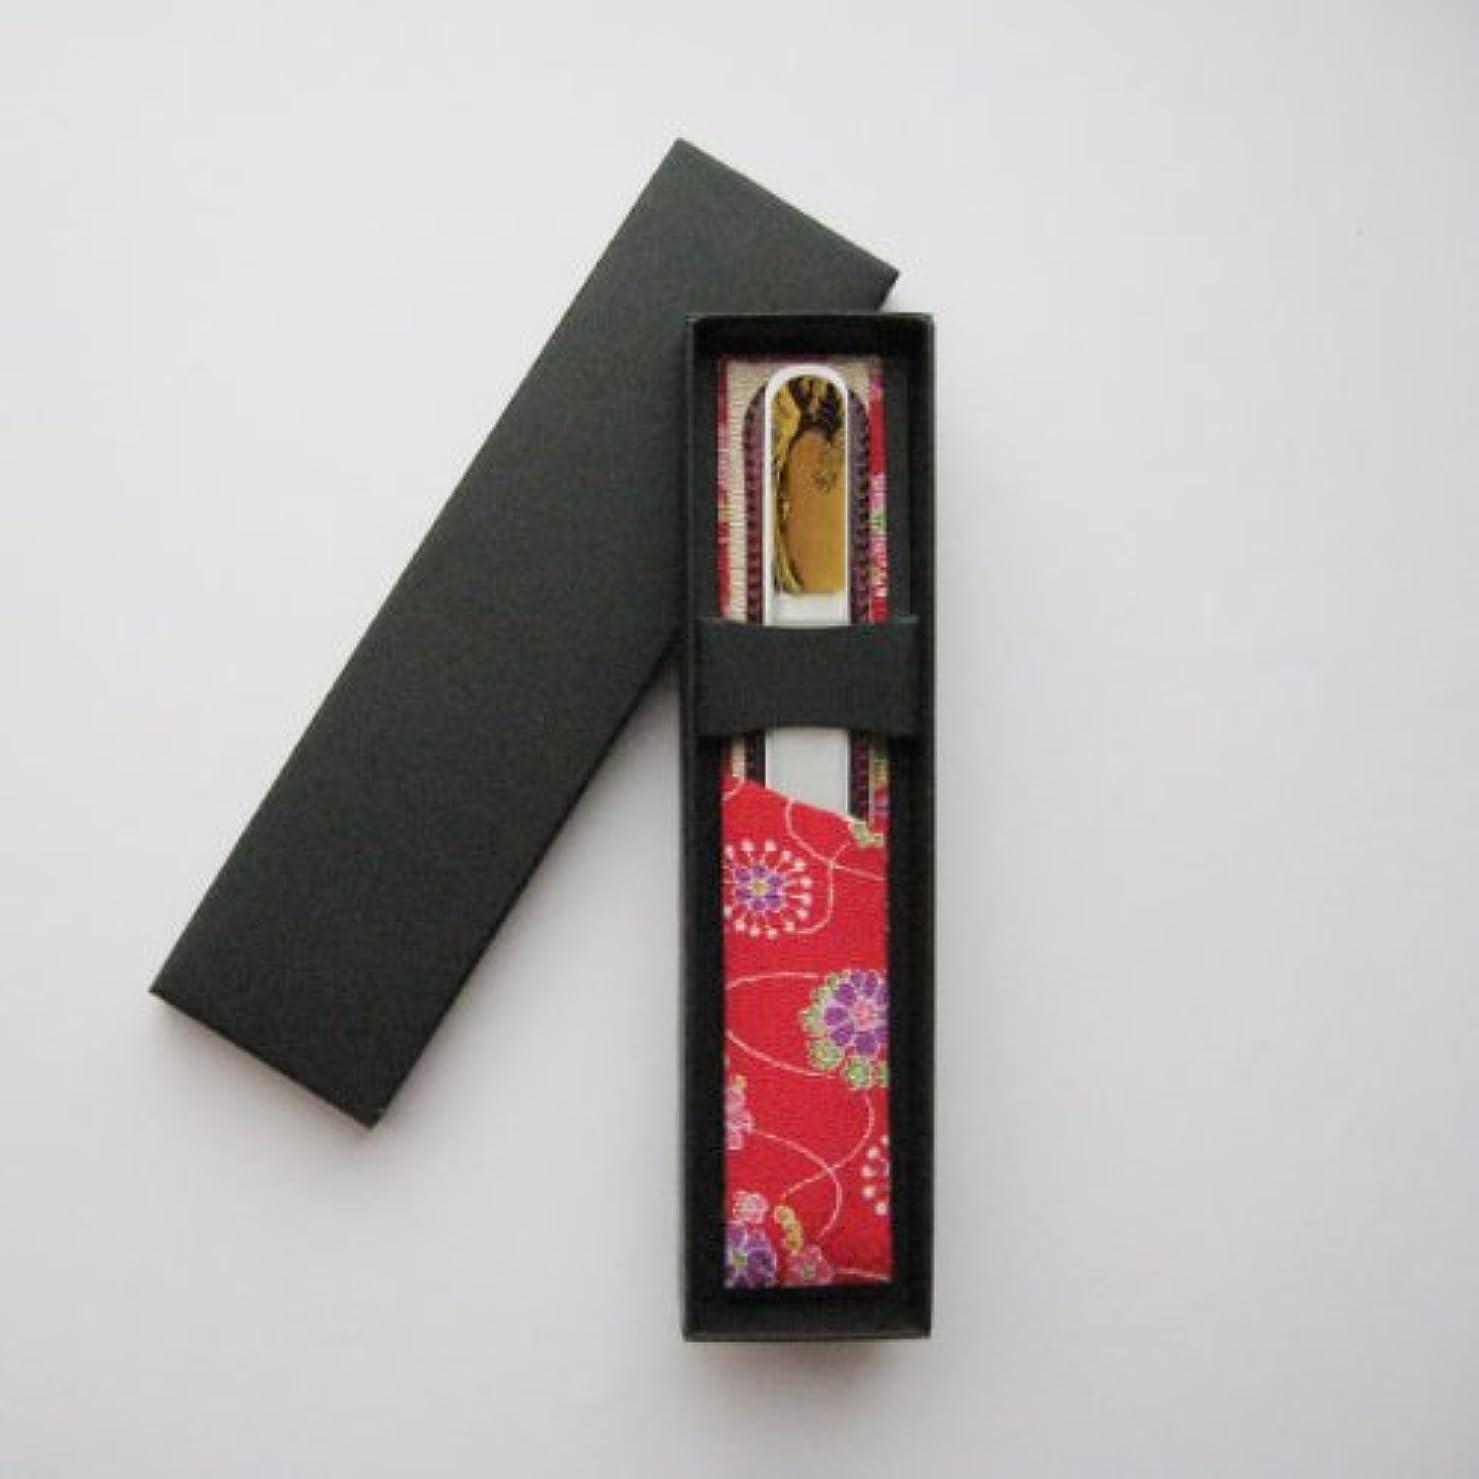 組蜂悲惨な橋本漆芸 ブラジェク製高級爪ヤスリ 特殊プリント加工 波裏 紙箱